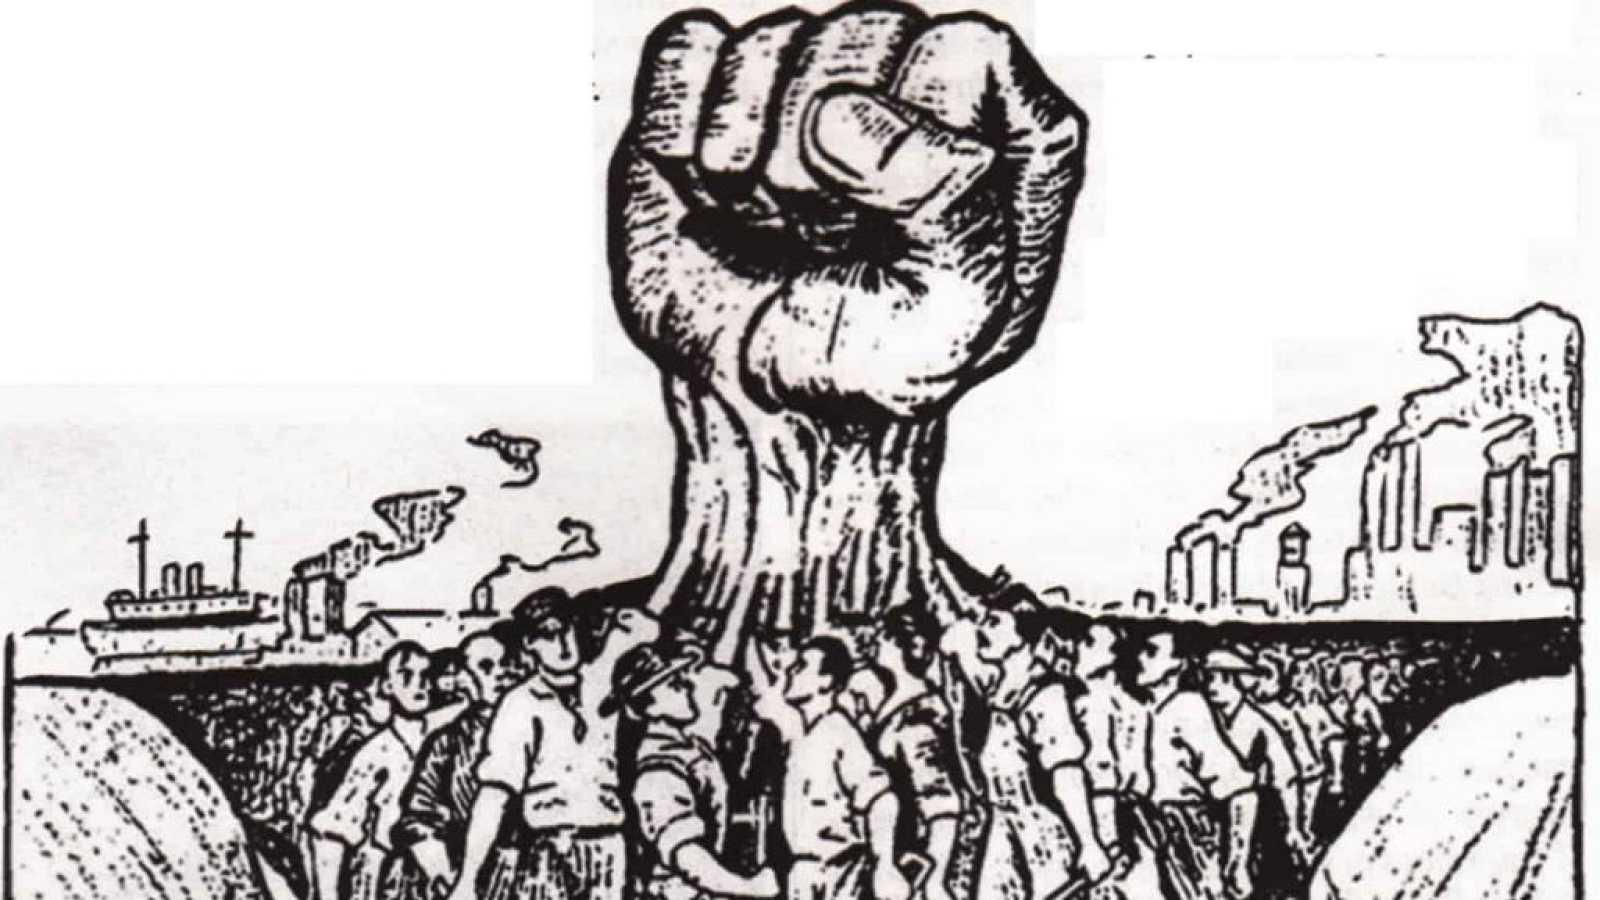 100 años de la OIT - 1998 Declaración principios fundamentales del trabajo - 7/7/19 - Escuchar ahora